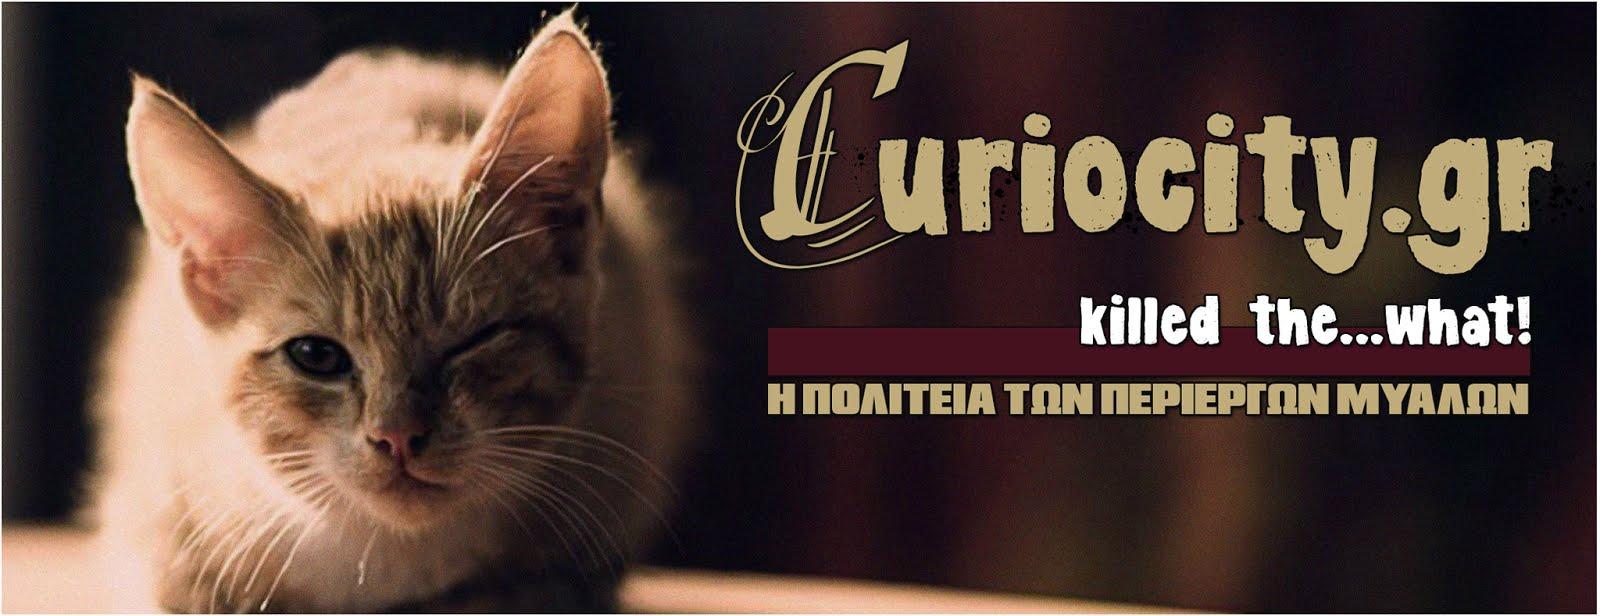 CurioCity.gr